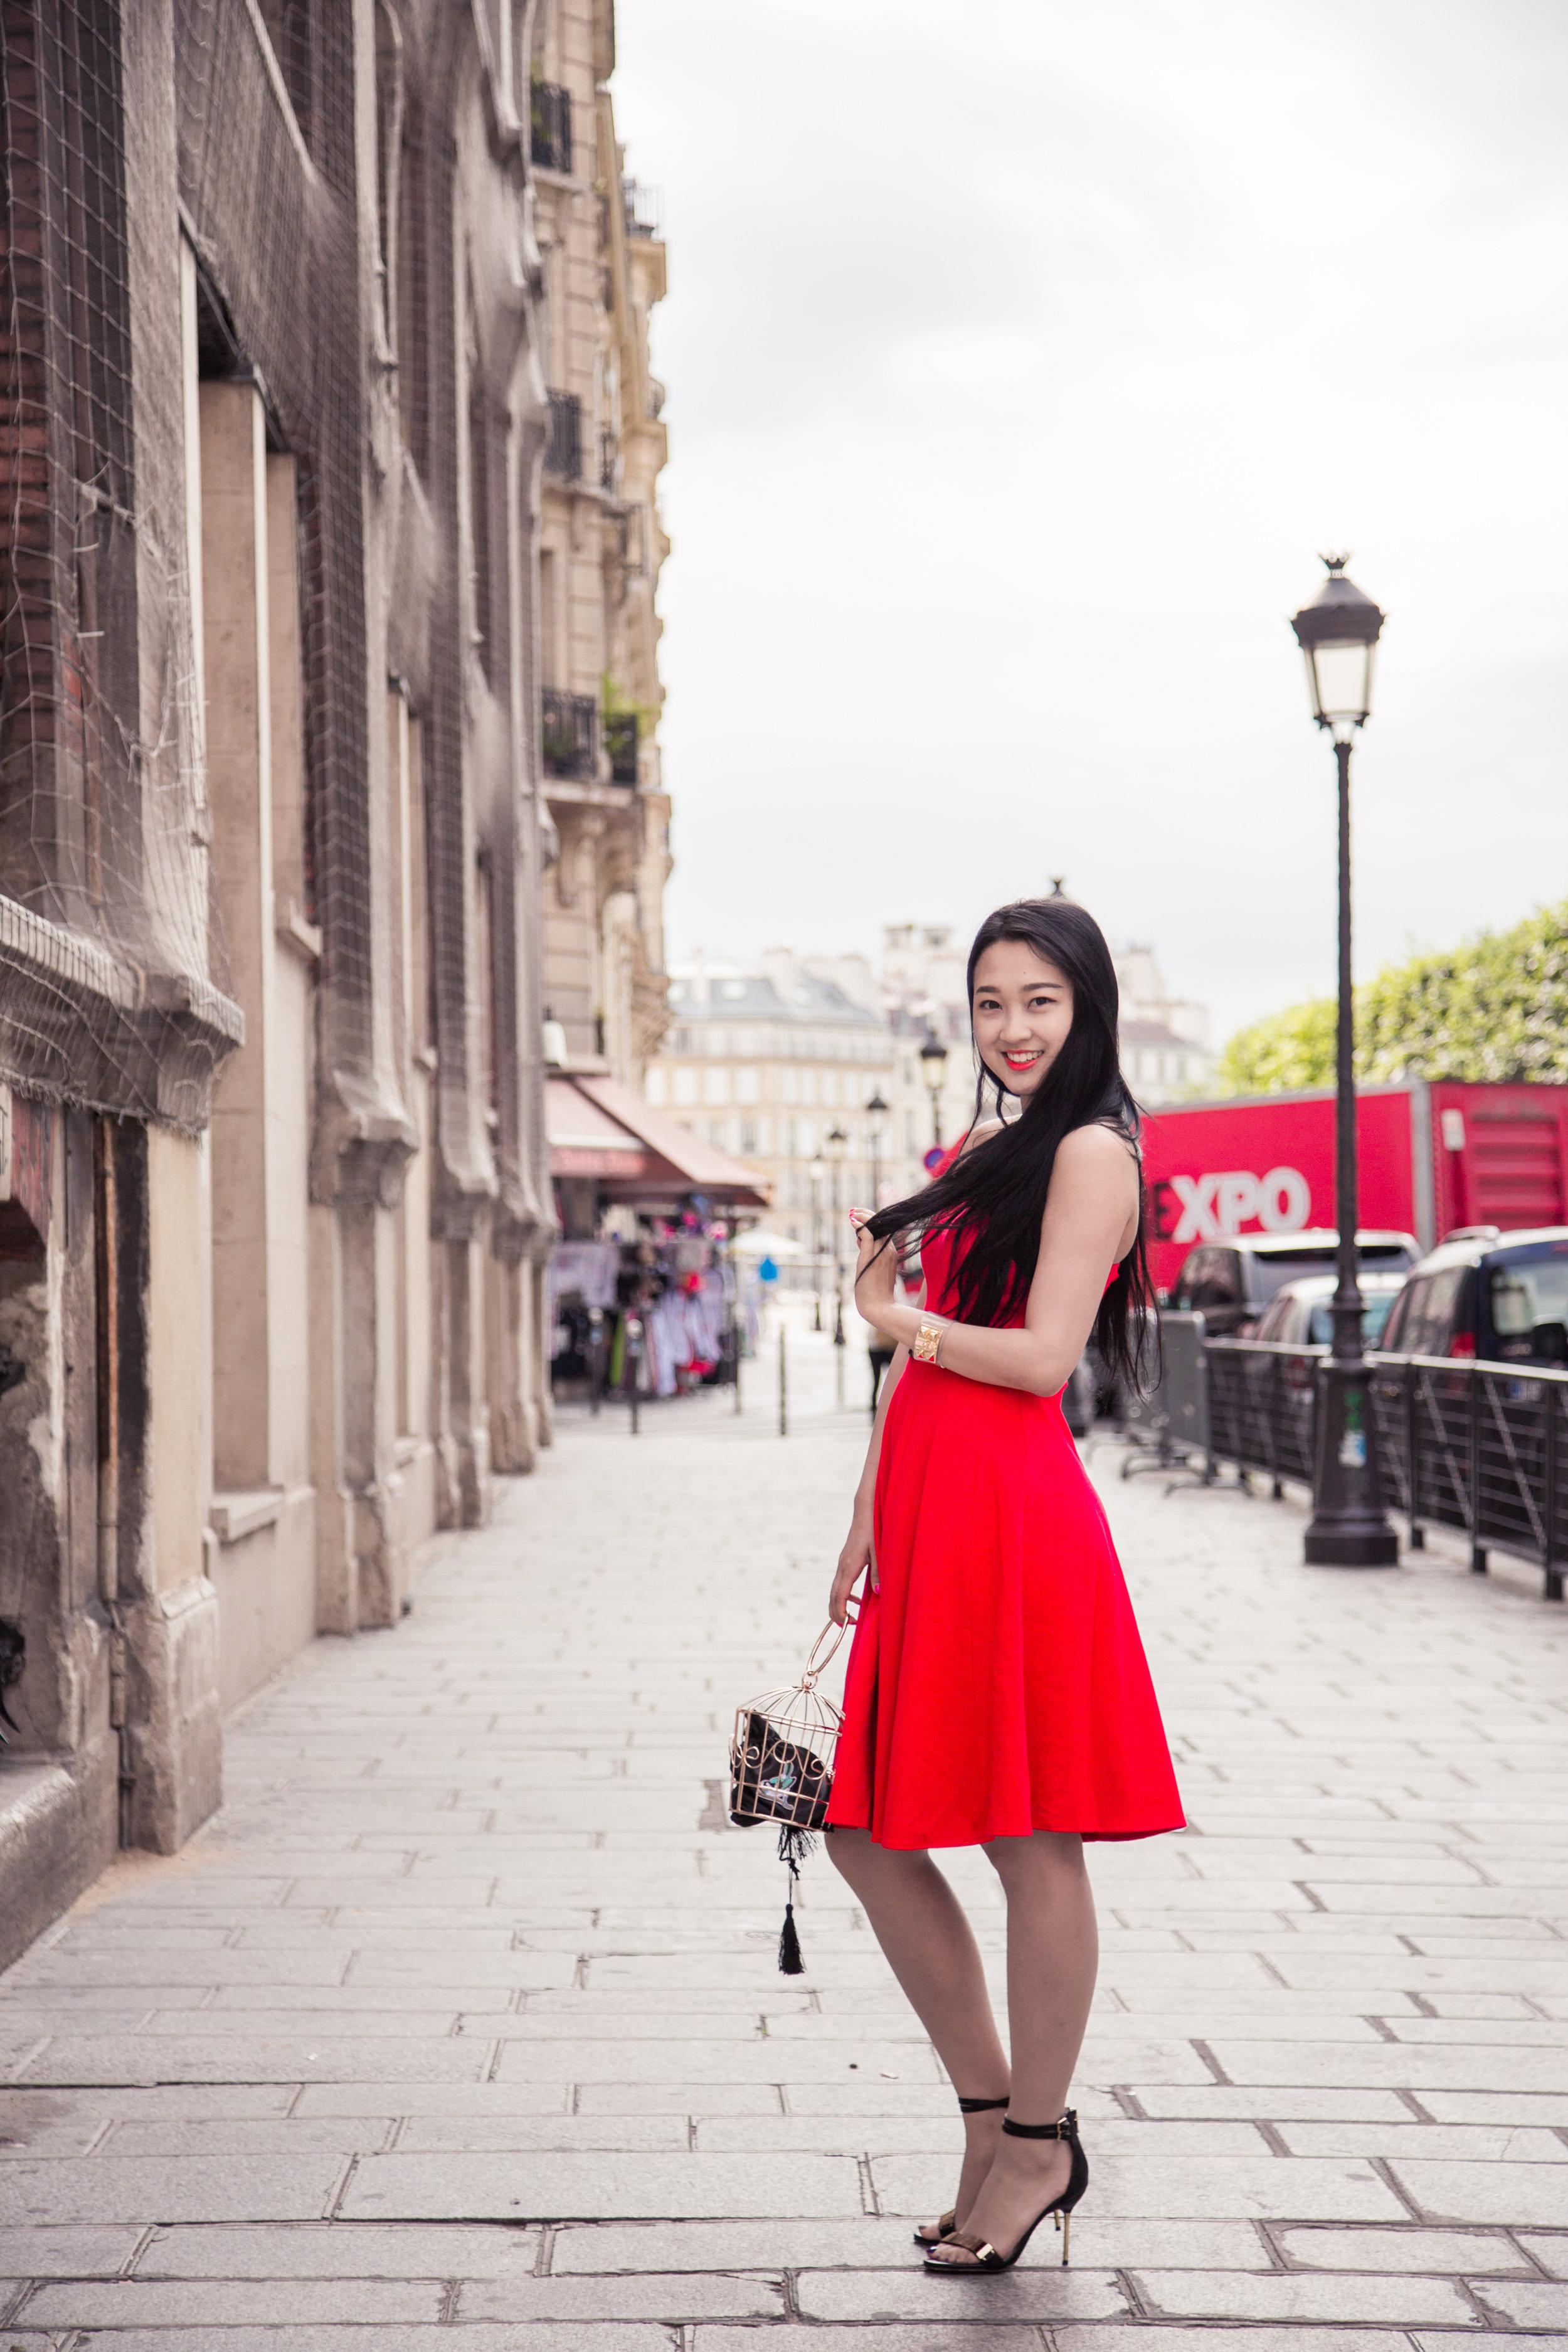 韩芳宇 Hannah   从小就很喜欢主持,并且在北京电视台七色光栏目当小记者,中央电视台少儿频道新闻袋袋裤栏目当主持人。在LSE上学时主持了伦敦国际华语电影节的红毯部分,近距离接触并采访了杨幂,张家辉,尚雯婕,邓家佳等明星。除此之外我还是伦敦政经时装秀的唯一亚洲模特。开朗活泼的我喜欢交朋友,去旅游以及体验生活。期待能通过逆旅这个平台认识志同道合的朋友们,一起去异国开启探索心灵的旅程!